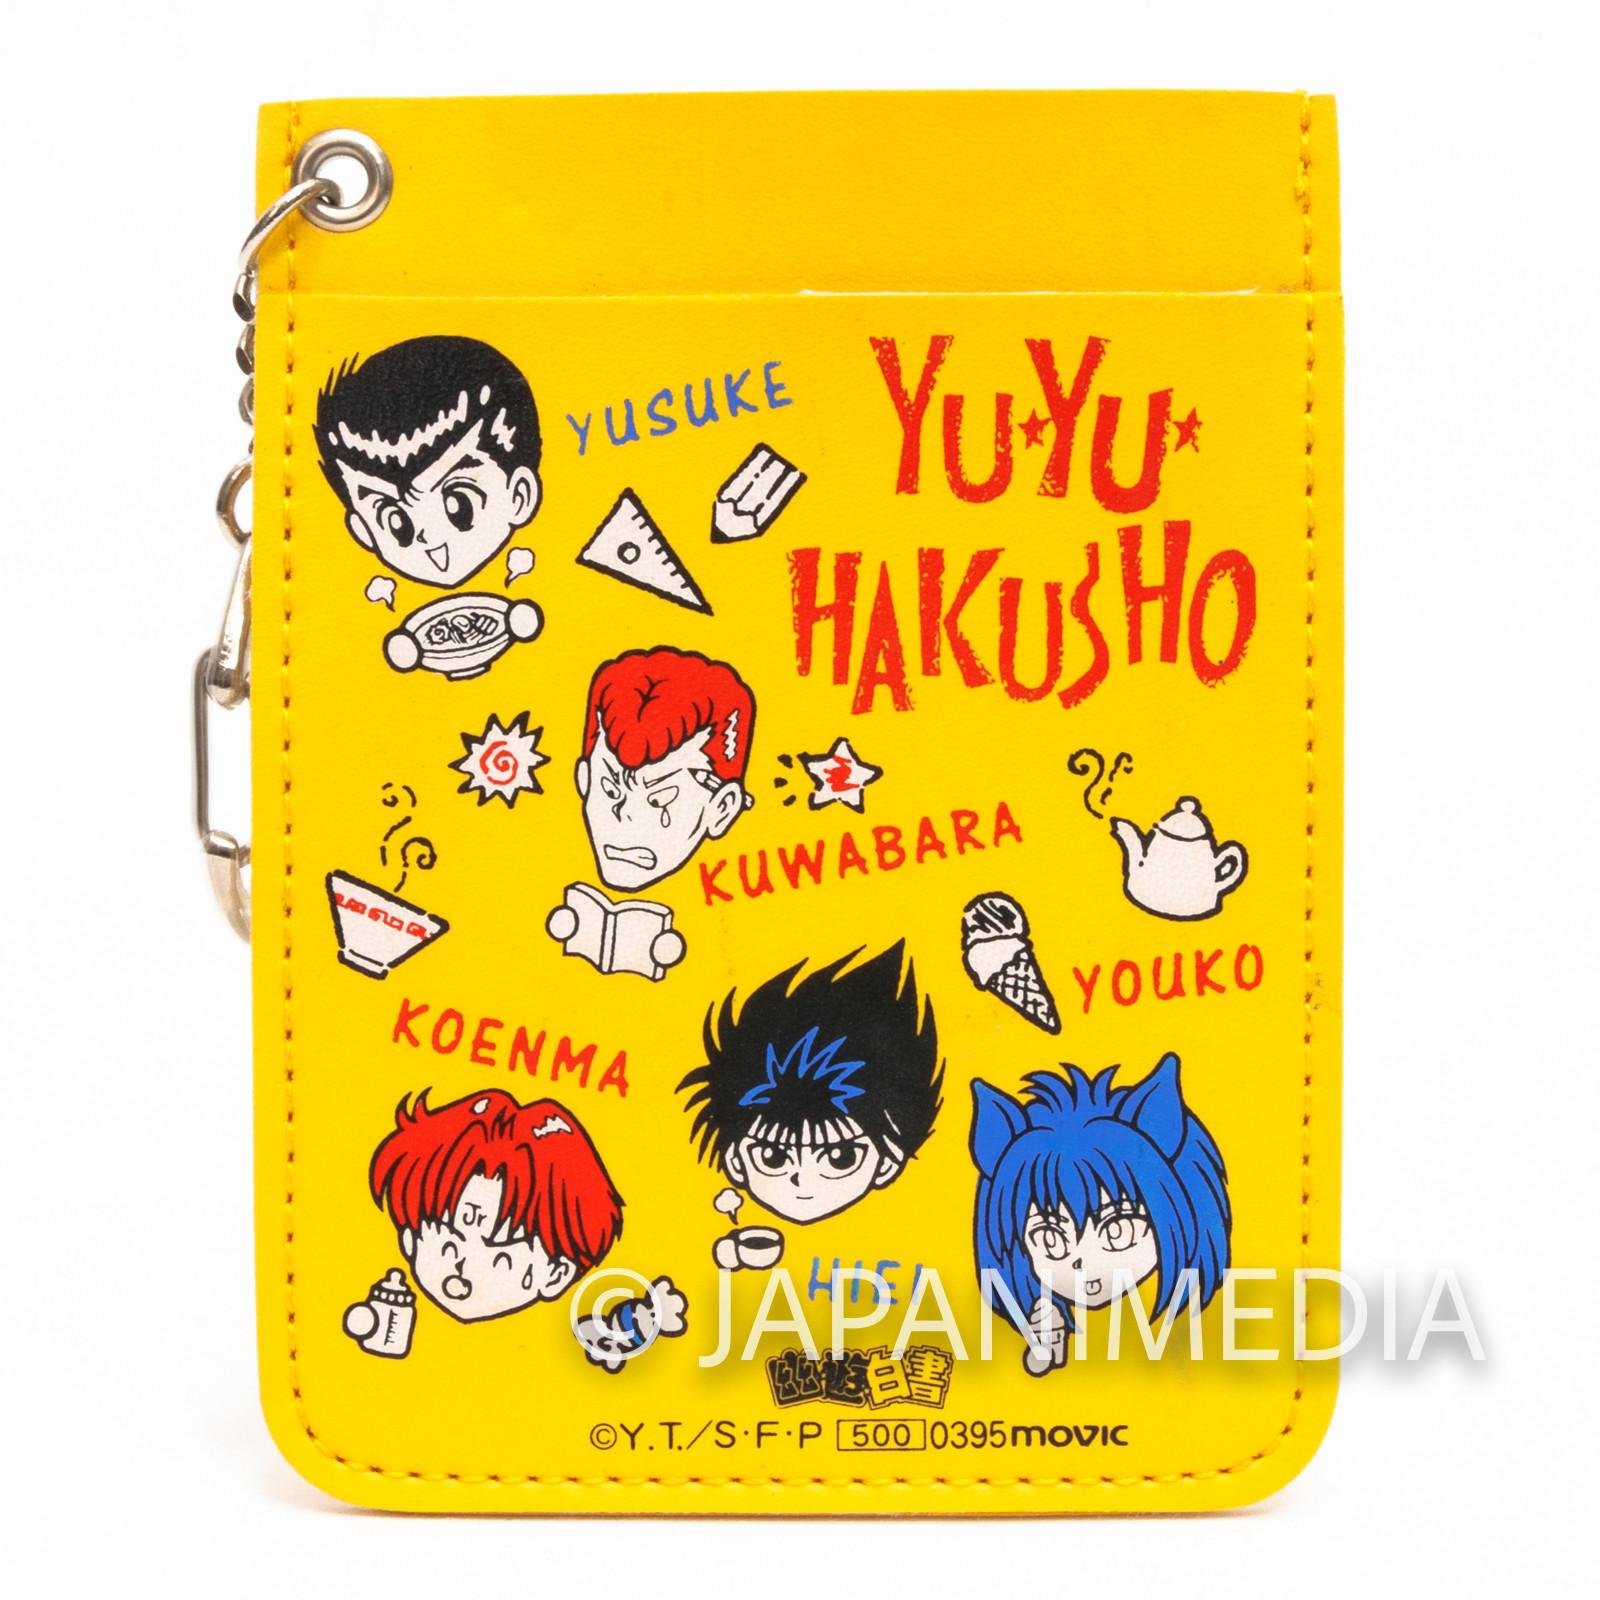 Yu-Yu Hakusho Yusuke Kuwabara Koenma Youko Pass Card Case Holder 4